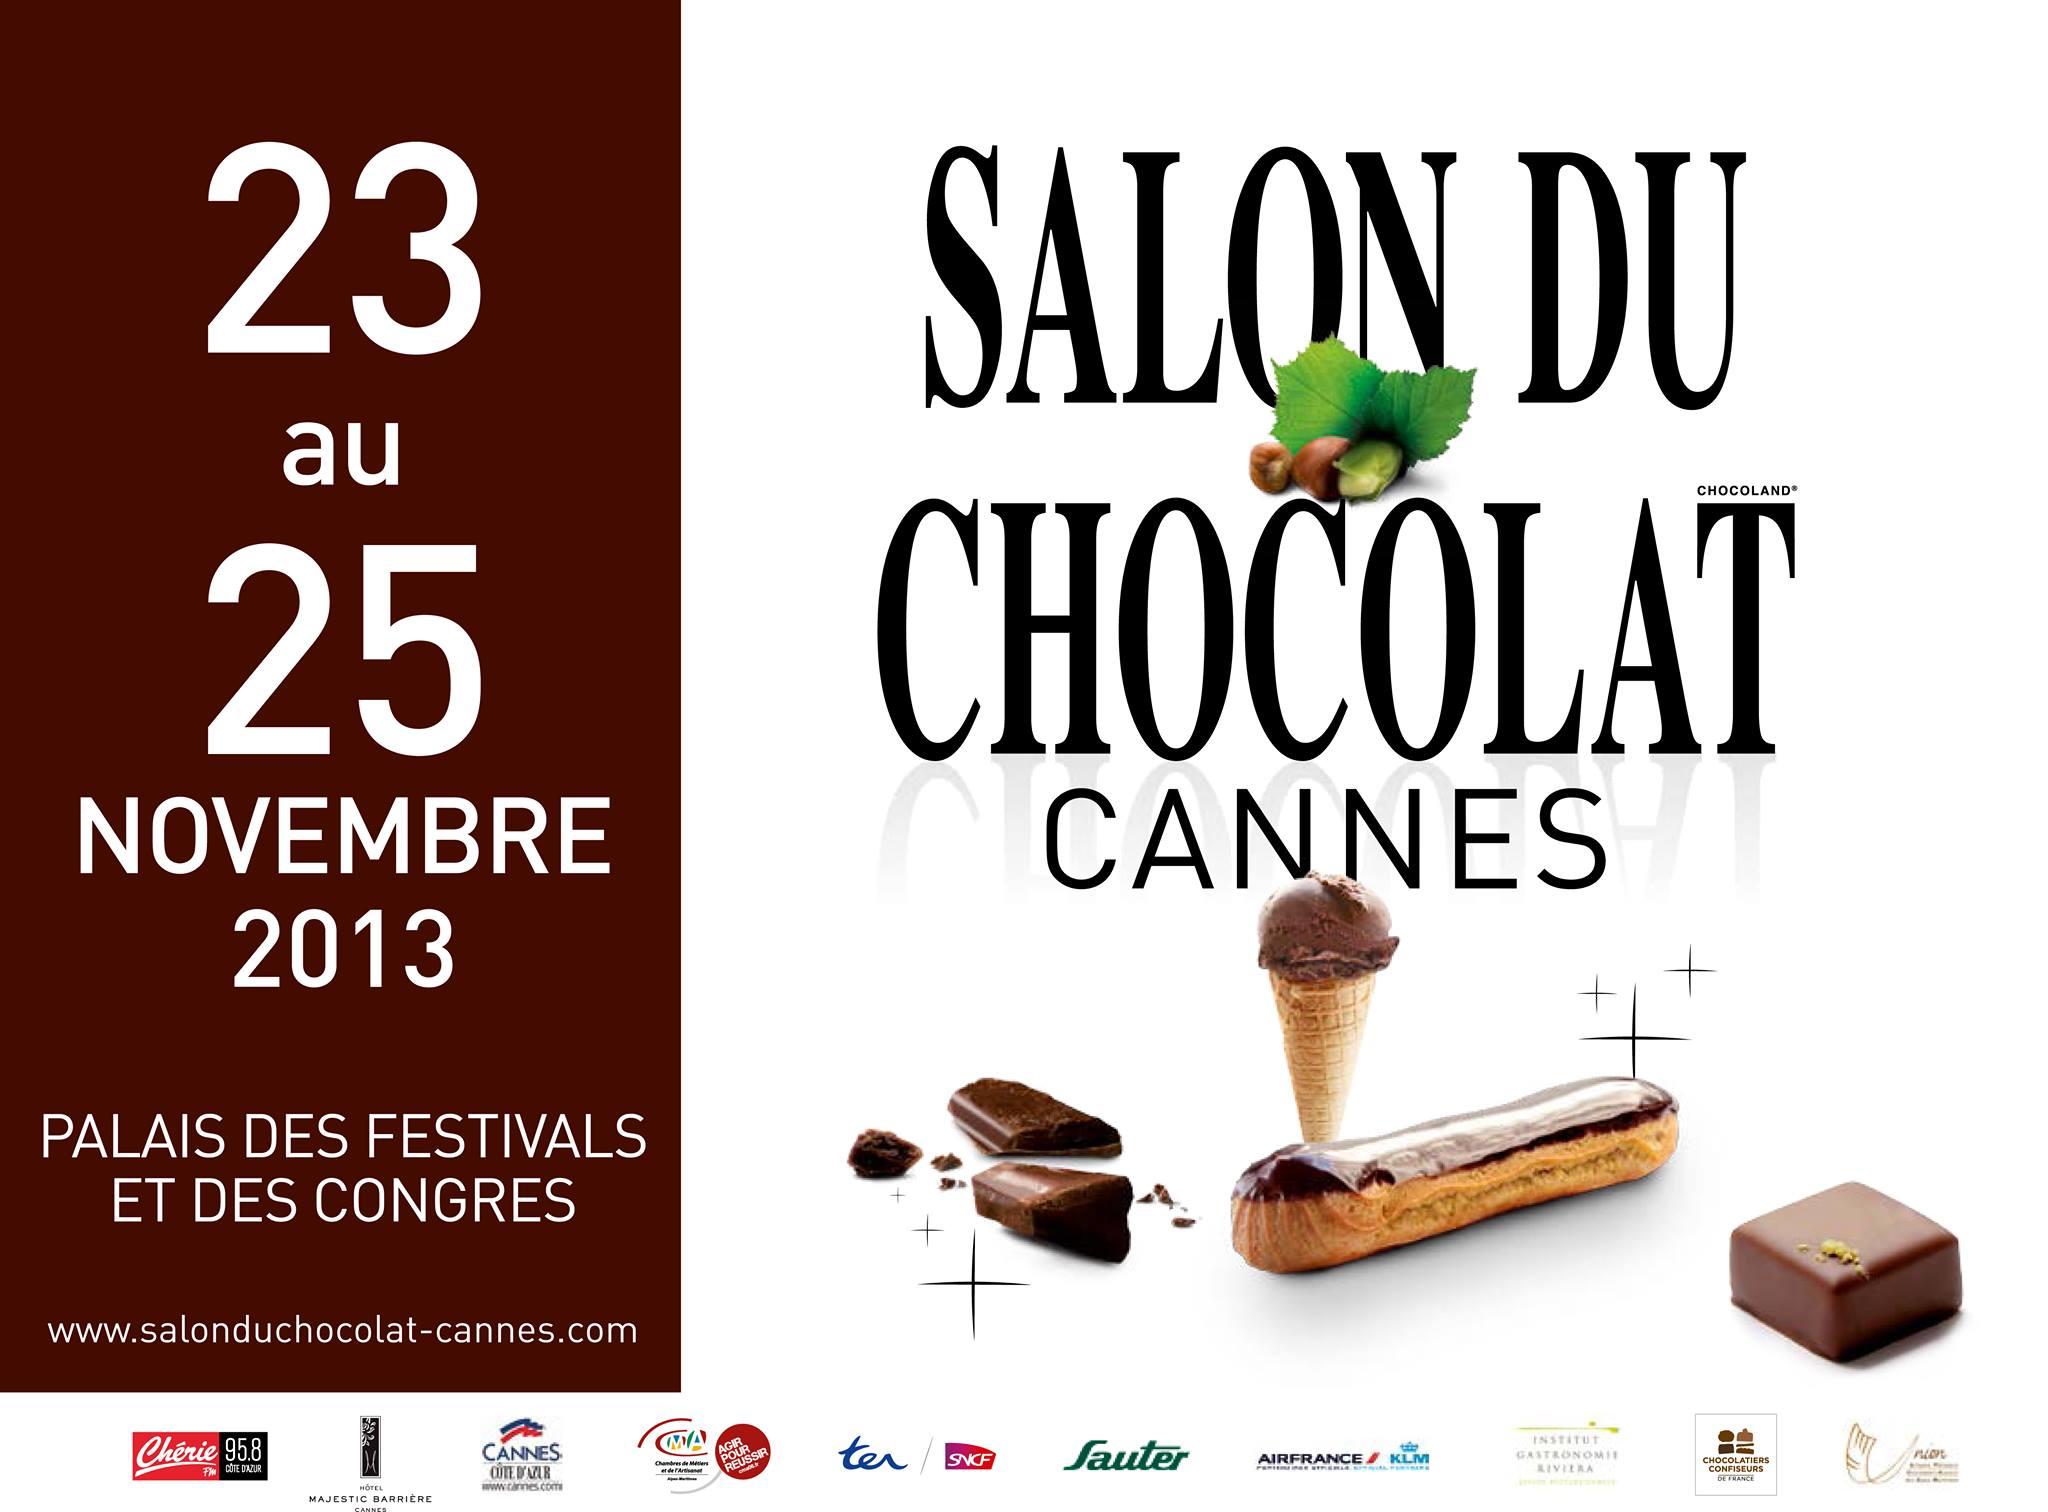 salon du chocolat 2013 cannes presse alpes maritimes